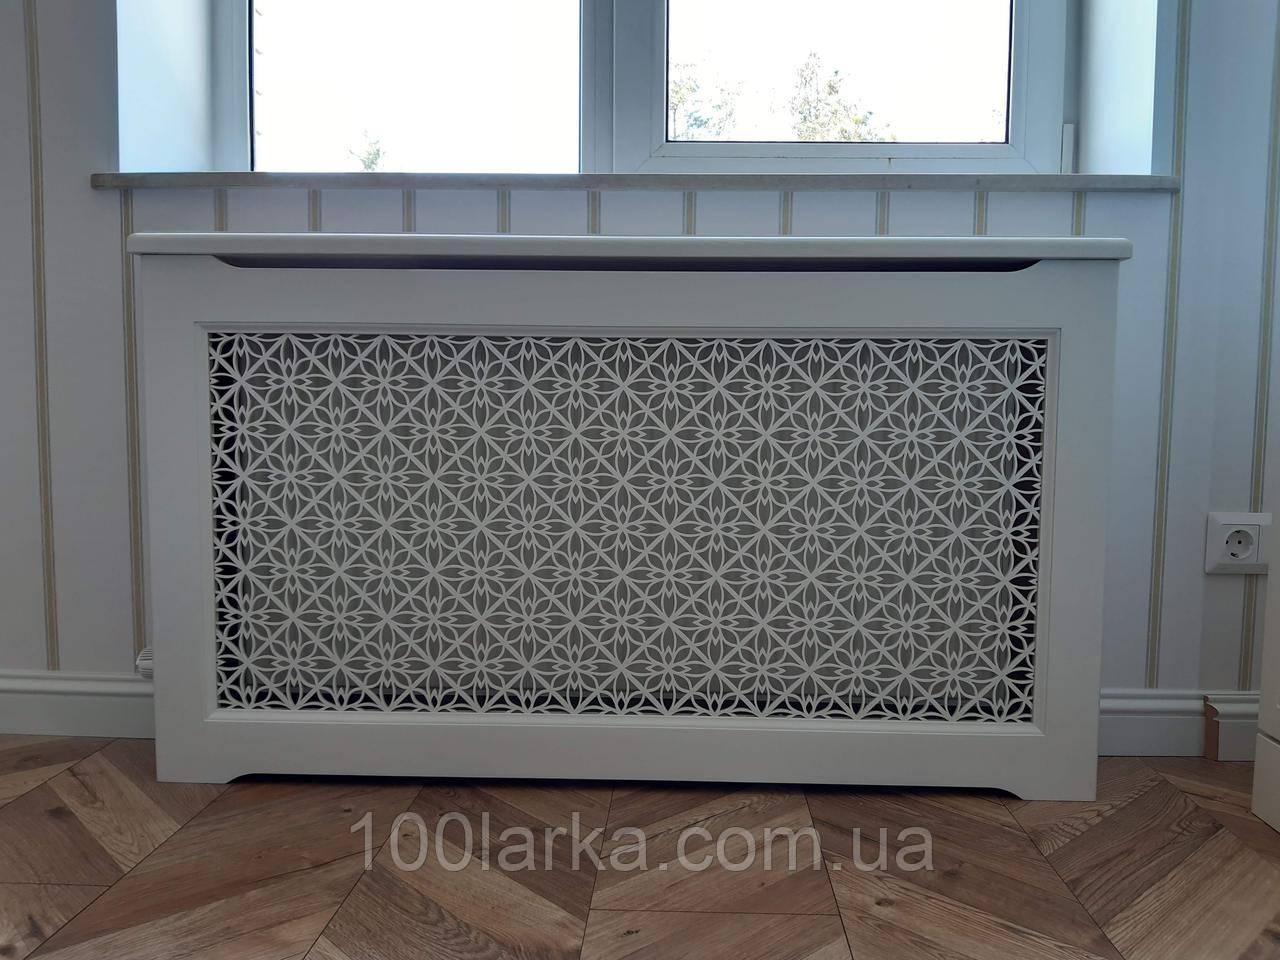 Декоративный экран (решетка) на батарею отопления